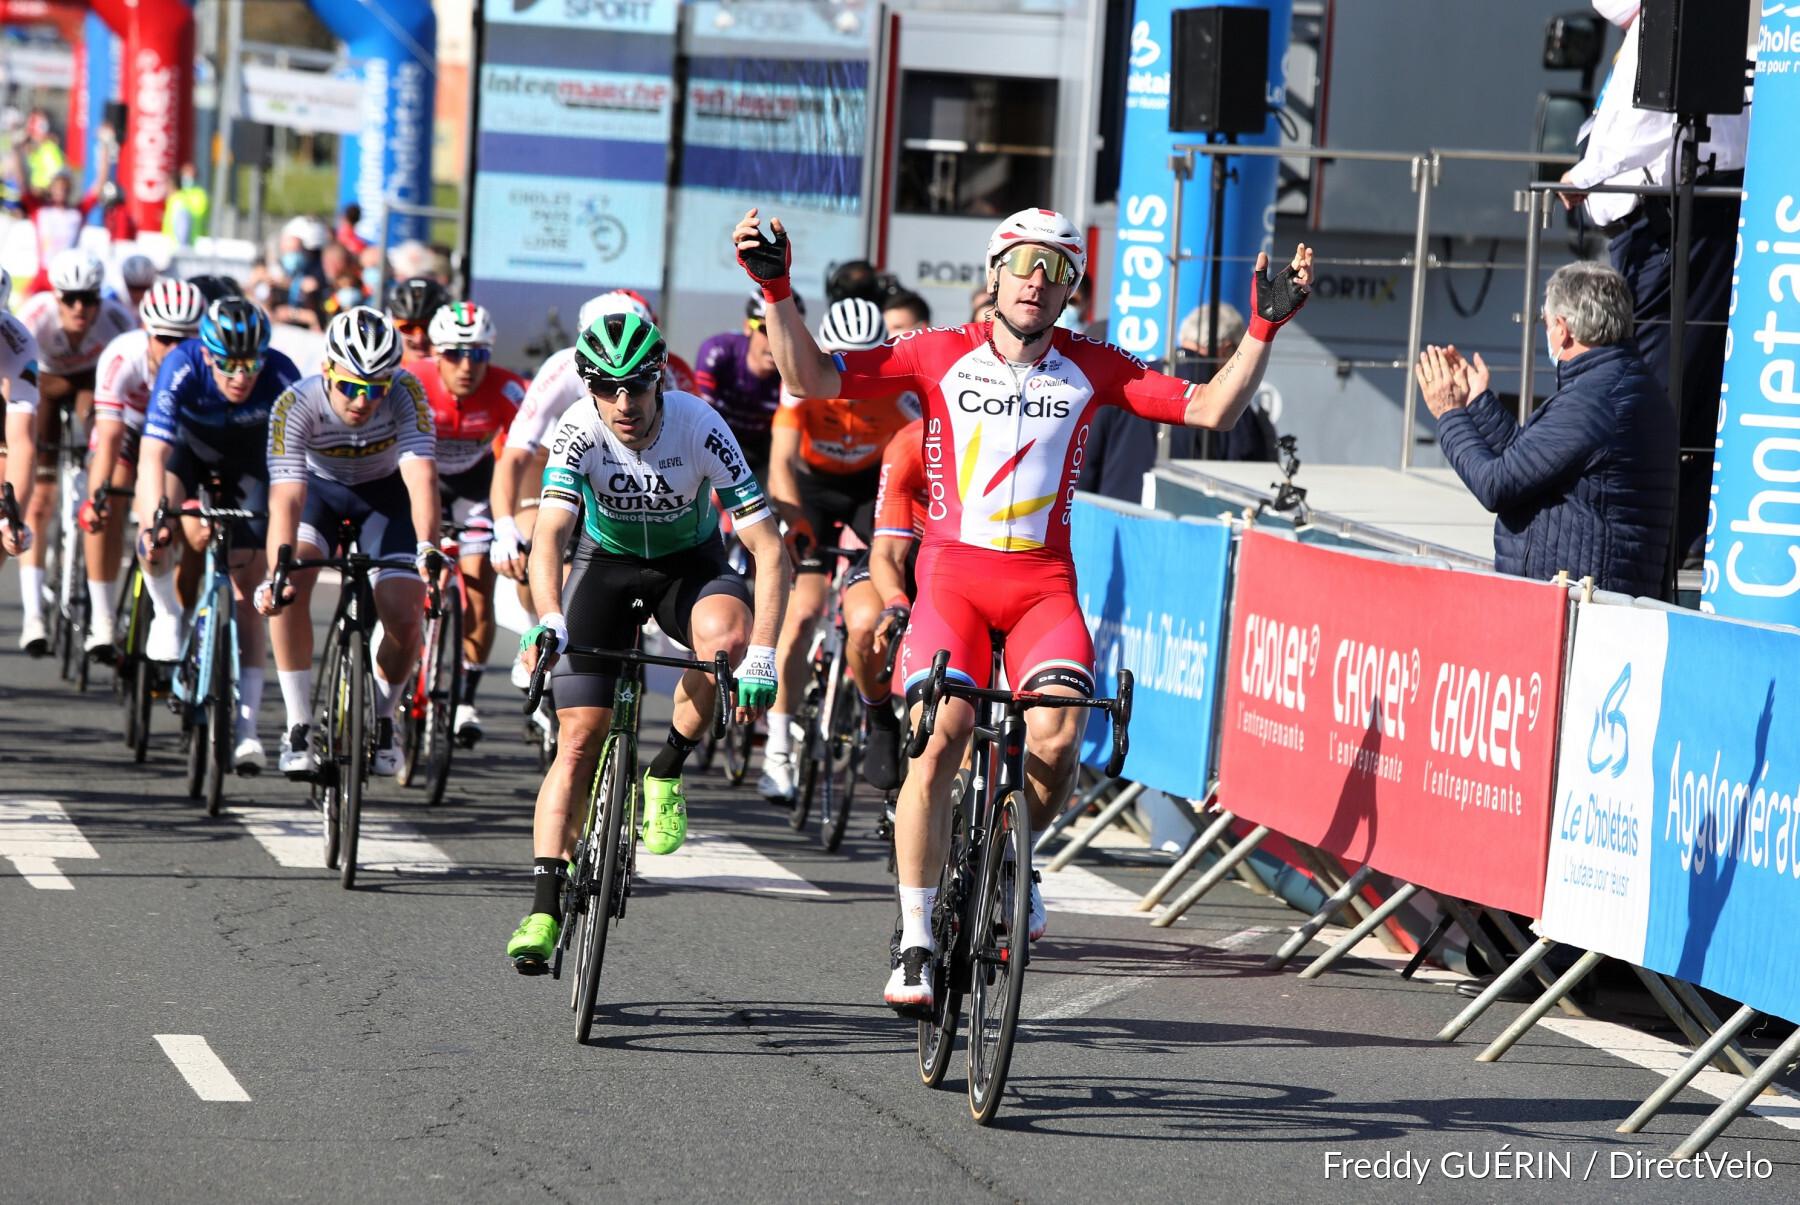 Viviani termina jejum de vitórias na Cholet – Pays de la Loire!